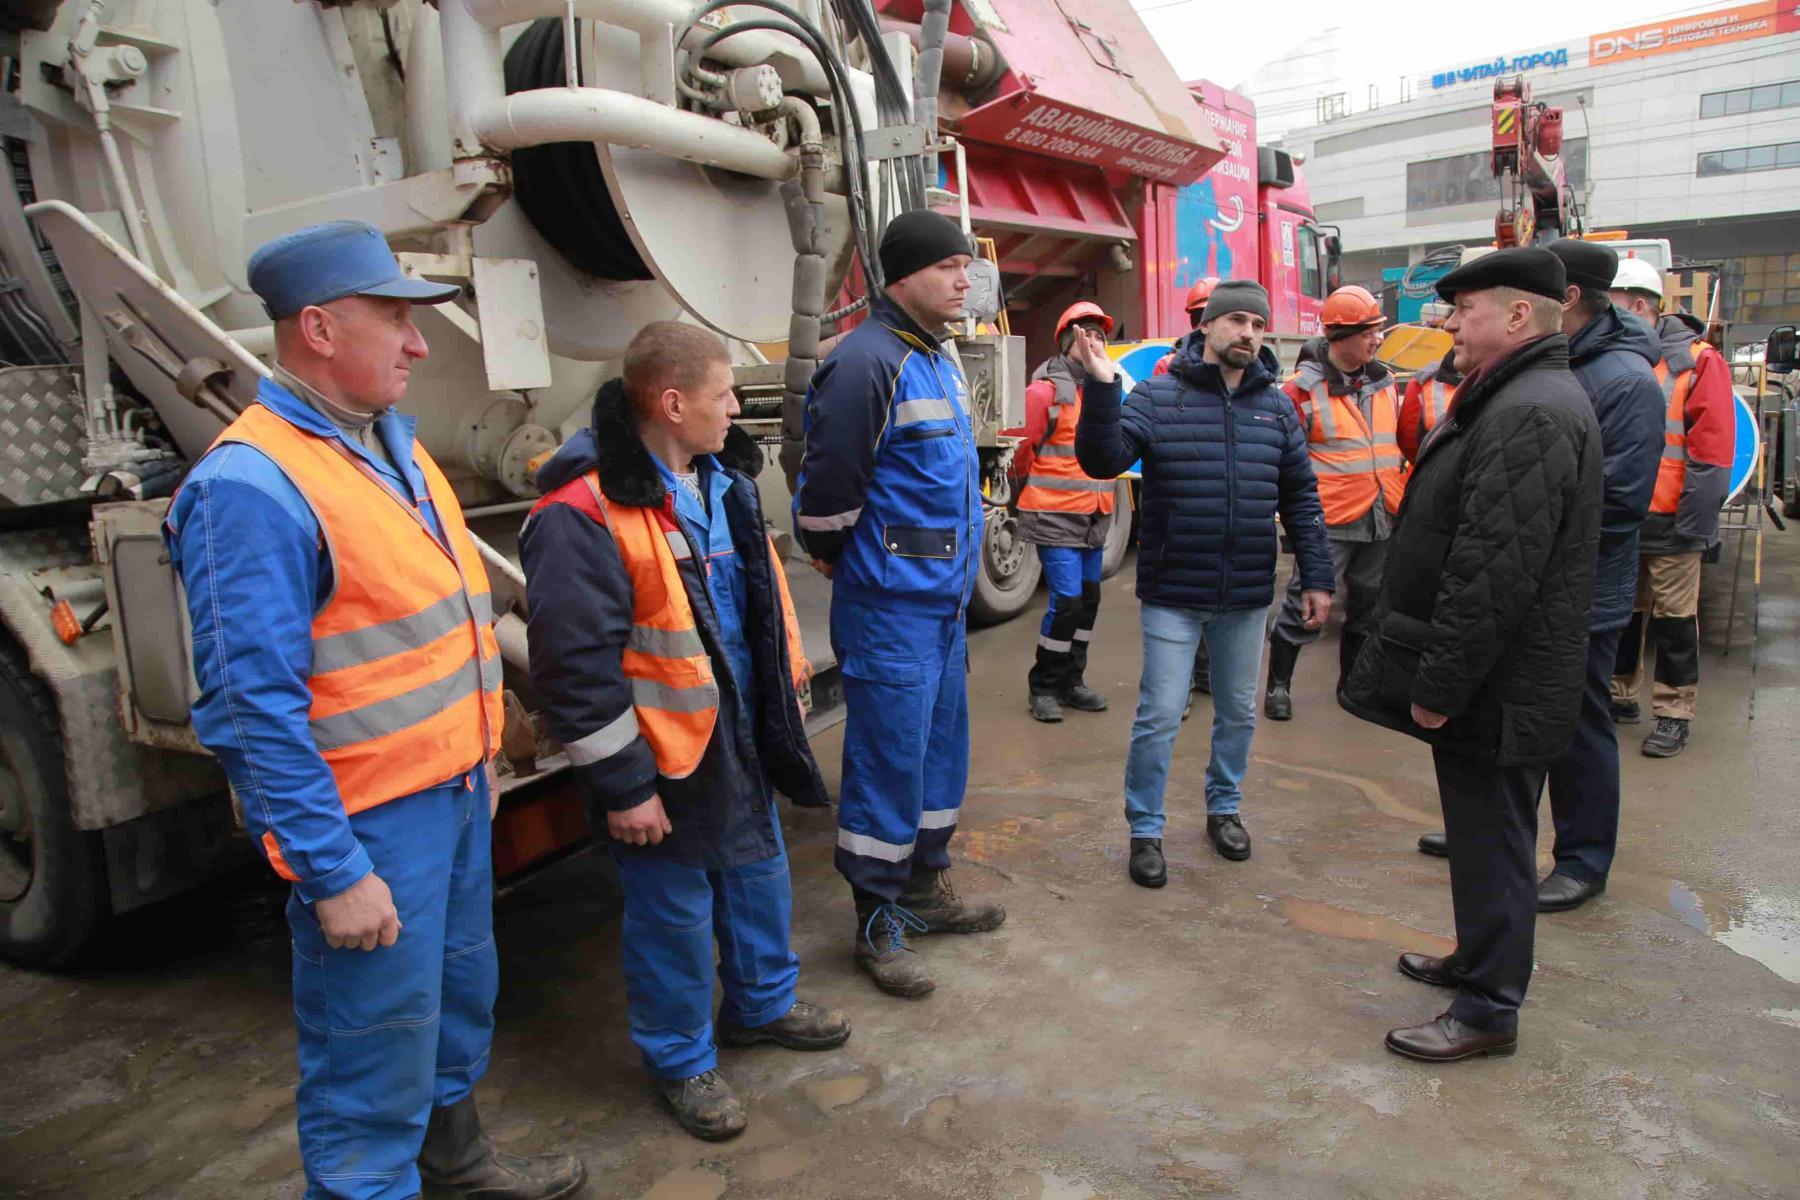 Фото Ливневую канализацию расконсервируют до конца недели в Новосибирске 2